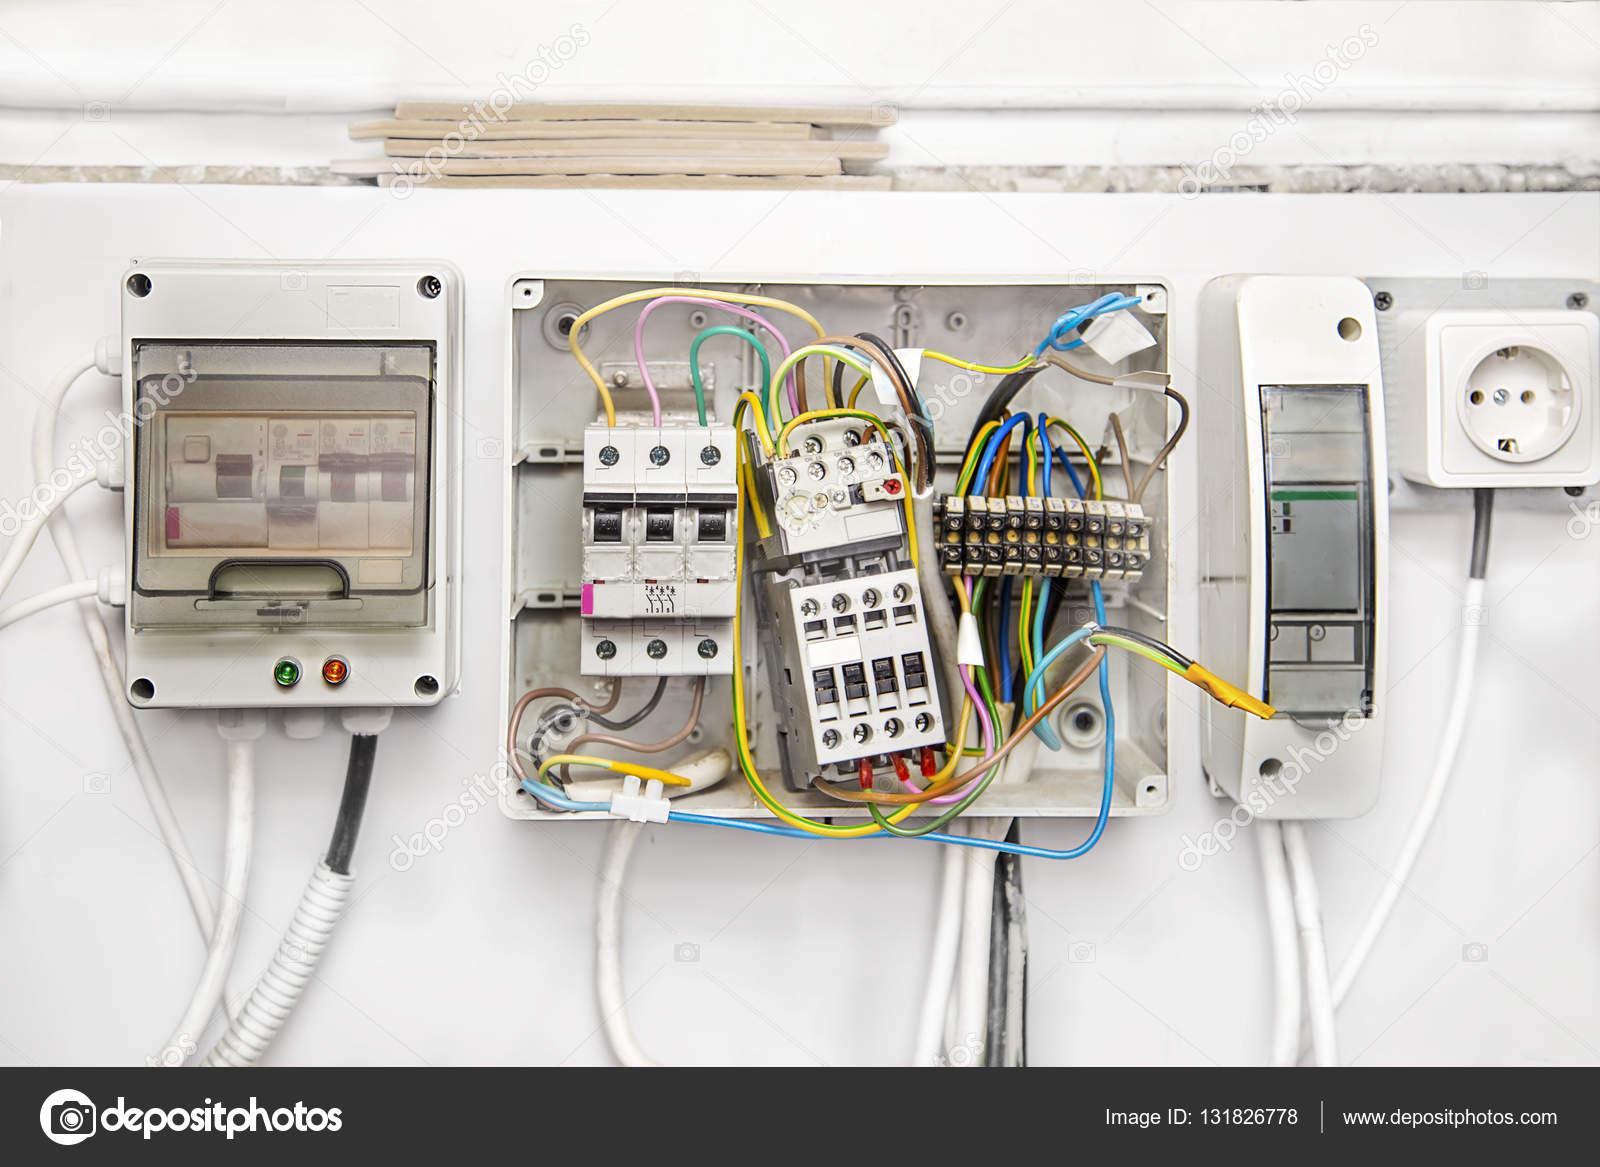 Schalter, Kabel, Leistungsschalter in Boxen — Stockfoto ...